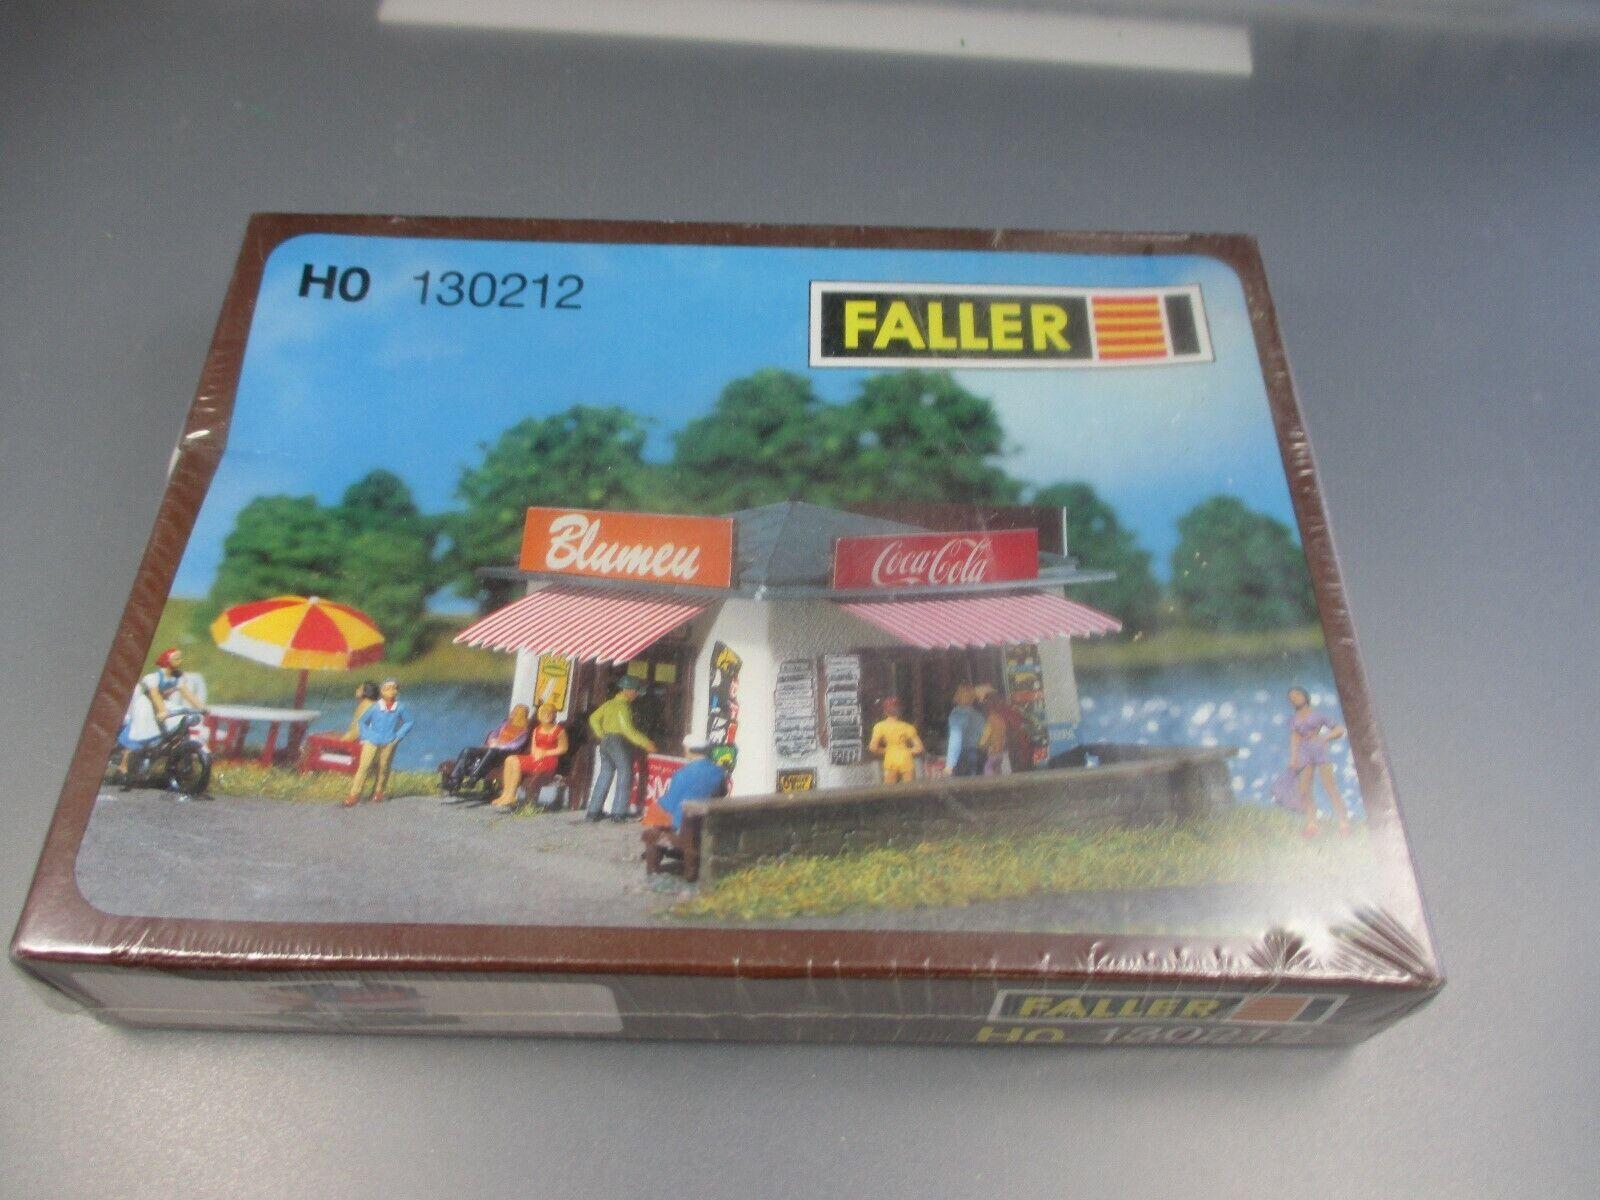 Faller Fabr h0 chemin de fer 1:87 FALLER 191746...